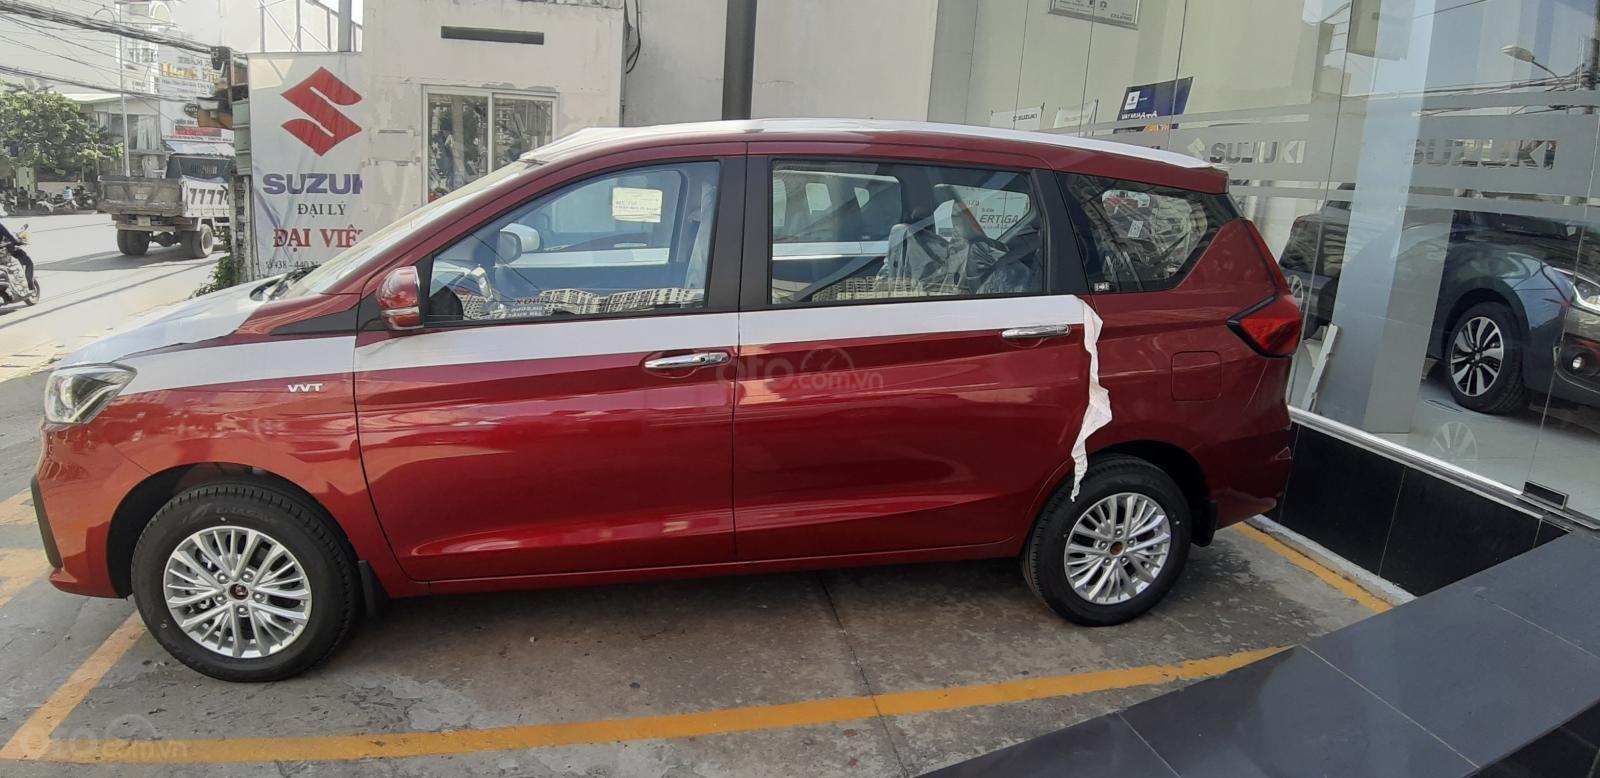 Bán Suzuki Ertiga GLX màu đỏ, xe có sẵn hot hot, hỗ trợ Bank cao (5)